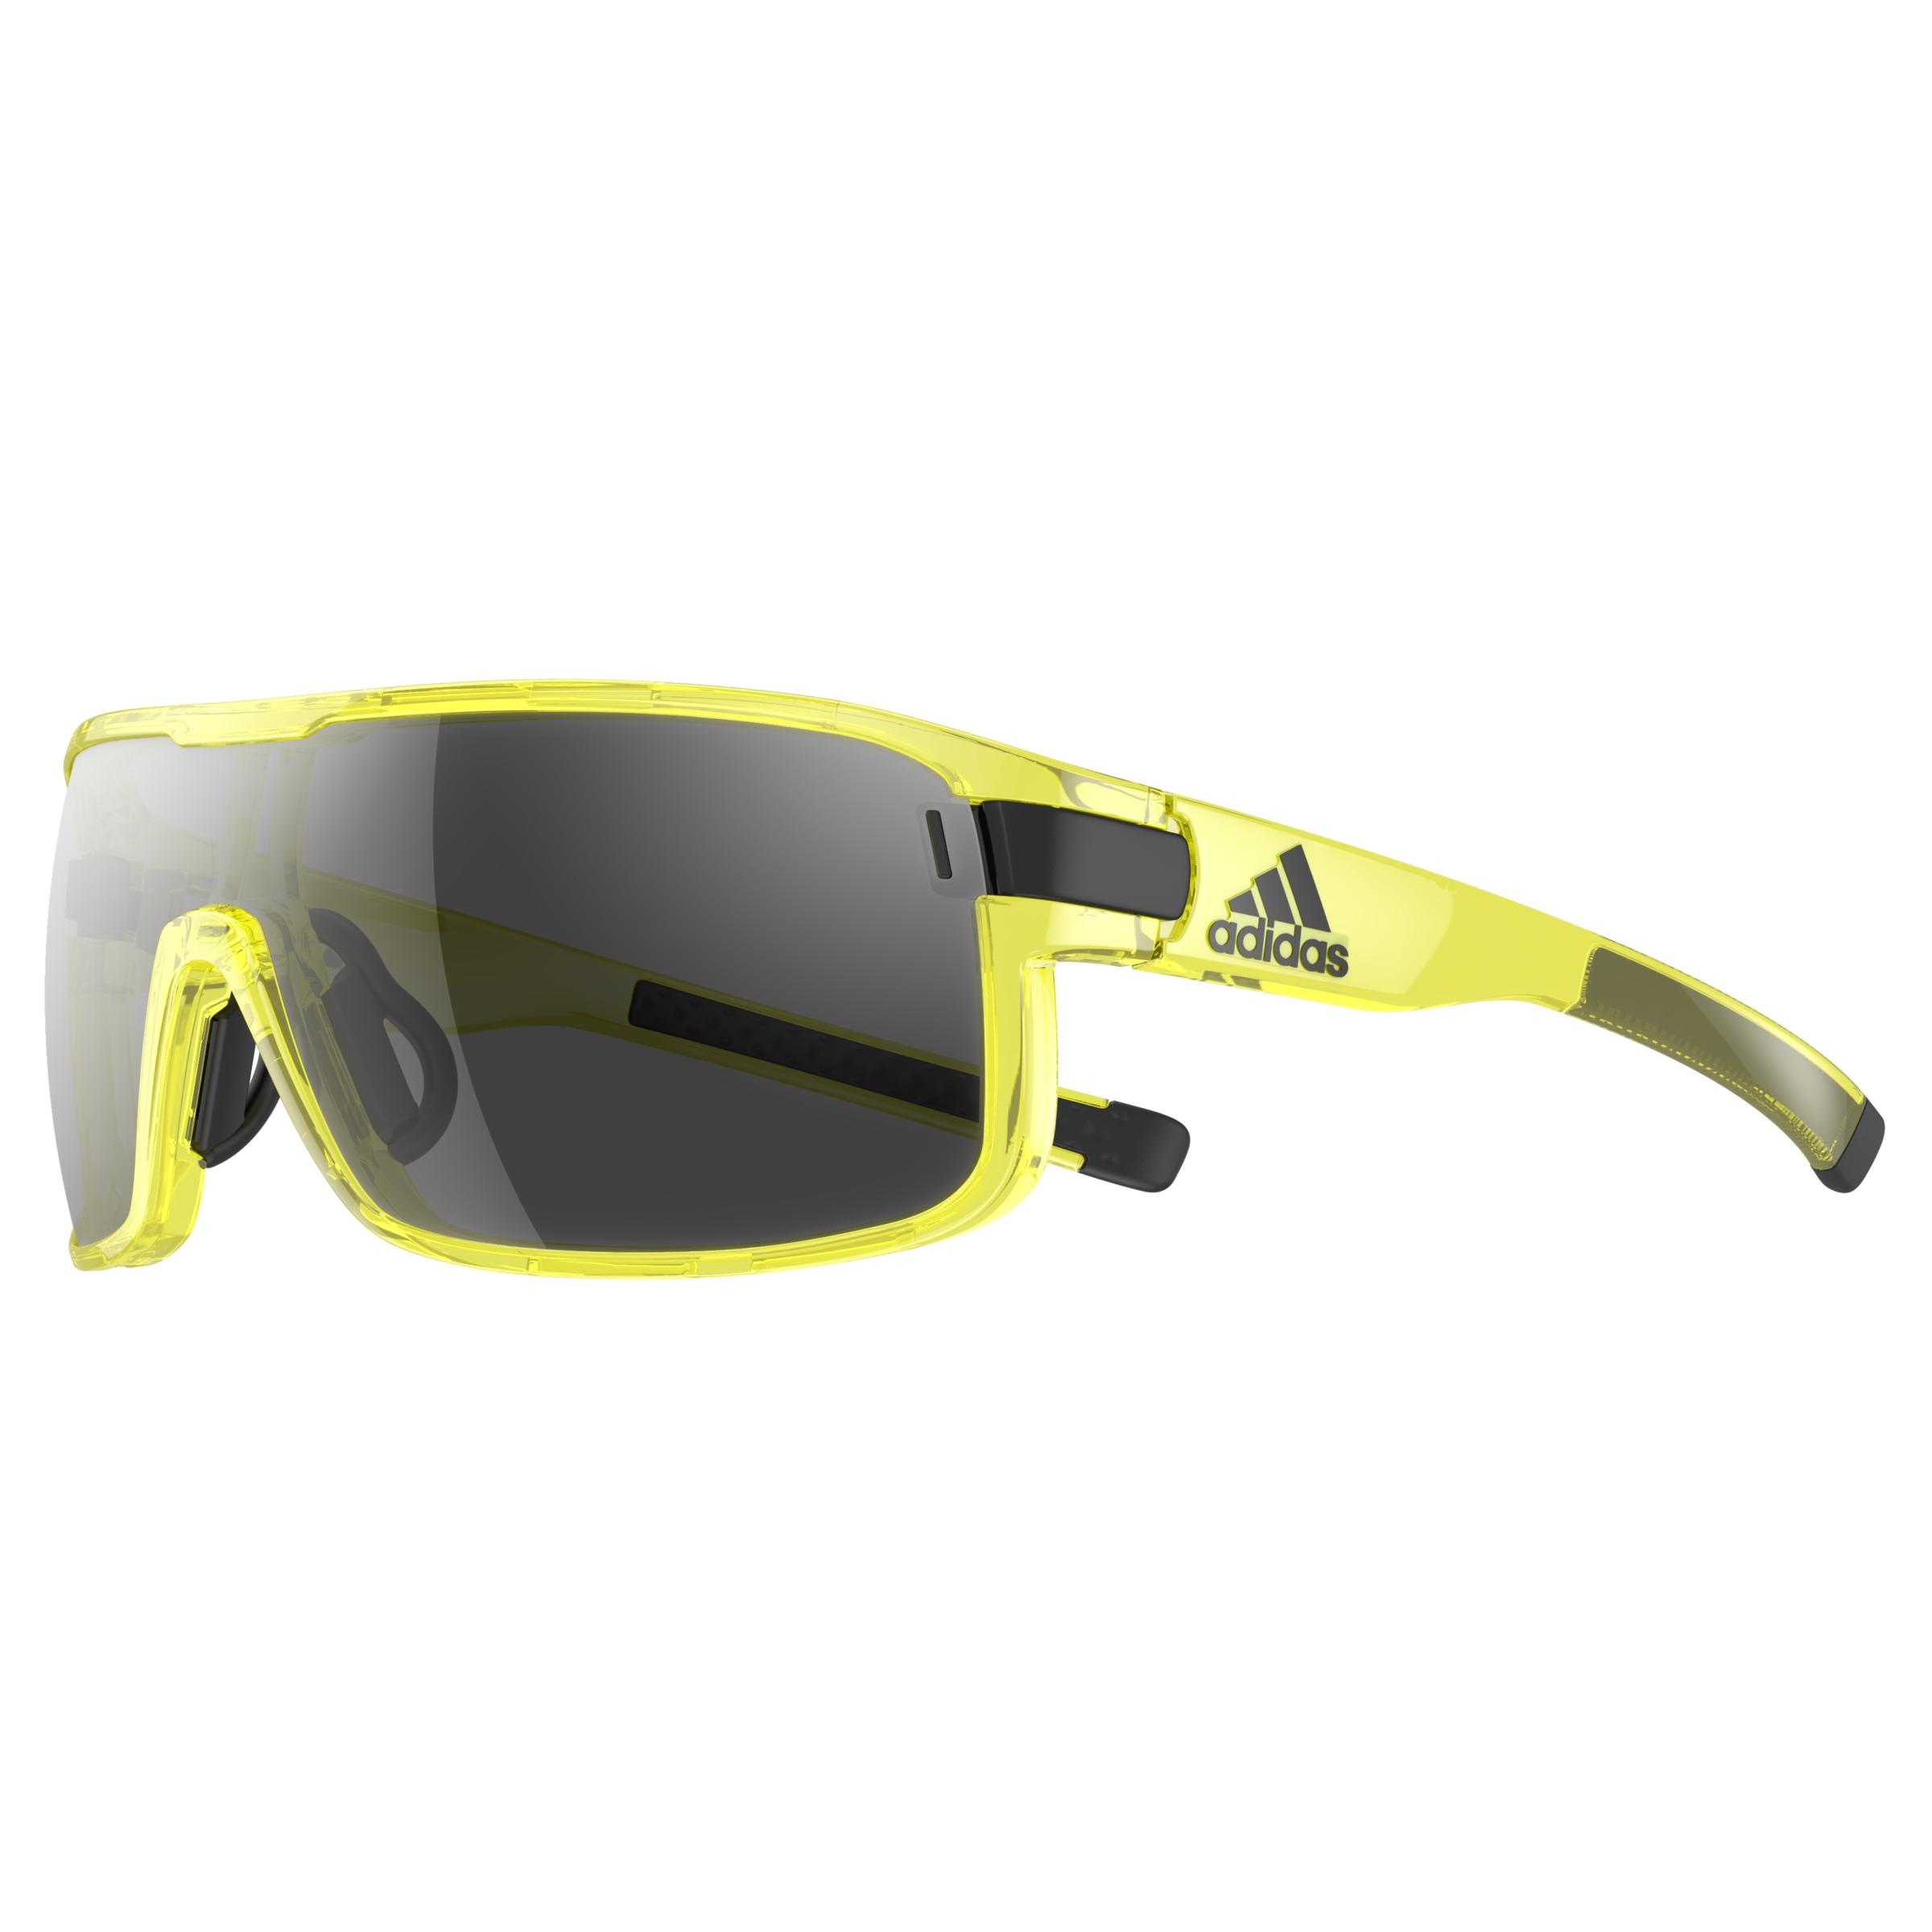 adidas zonyk › Meyeroptik - Brillen, Kontaktlinsen und Sportbrillen ...